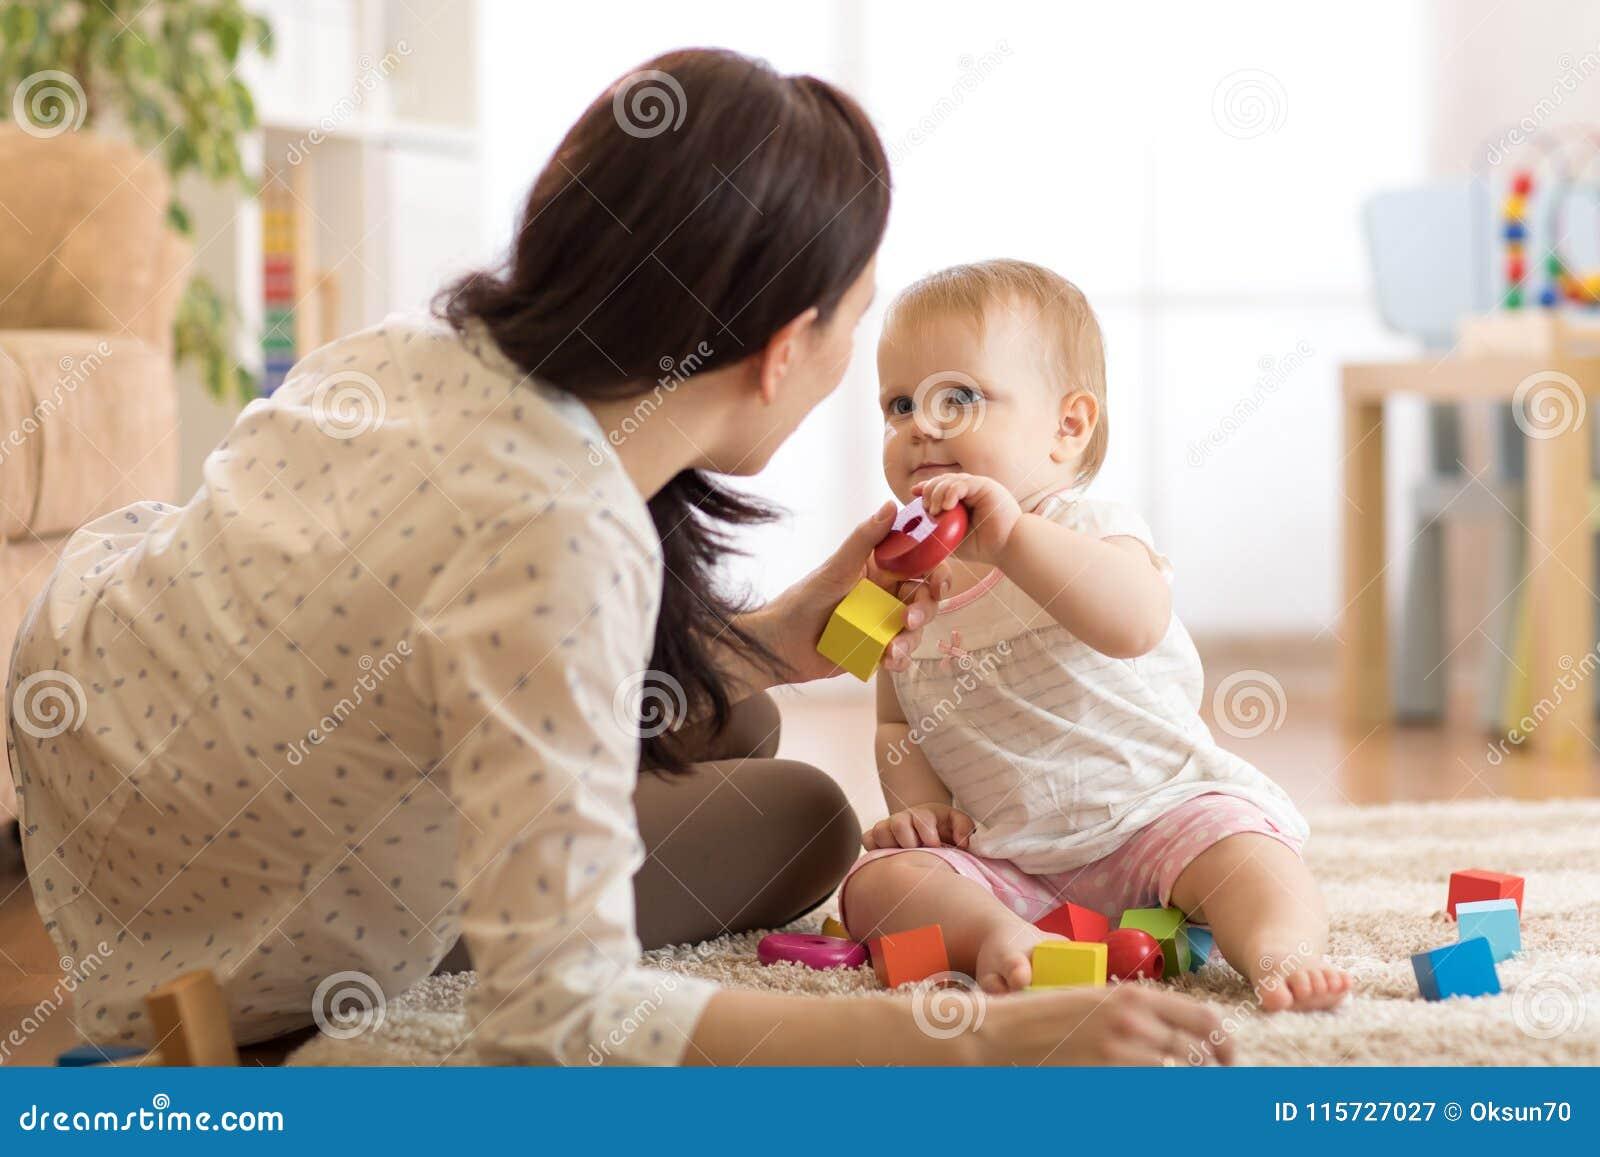 Neonata adorabile che gioca con i giocattoli educativi in scuola materna Bambino divertendosi con i giocattoli differenti variopi